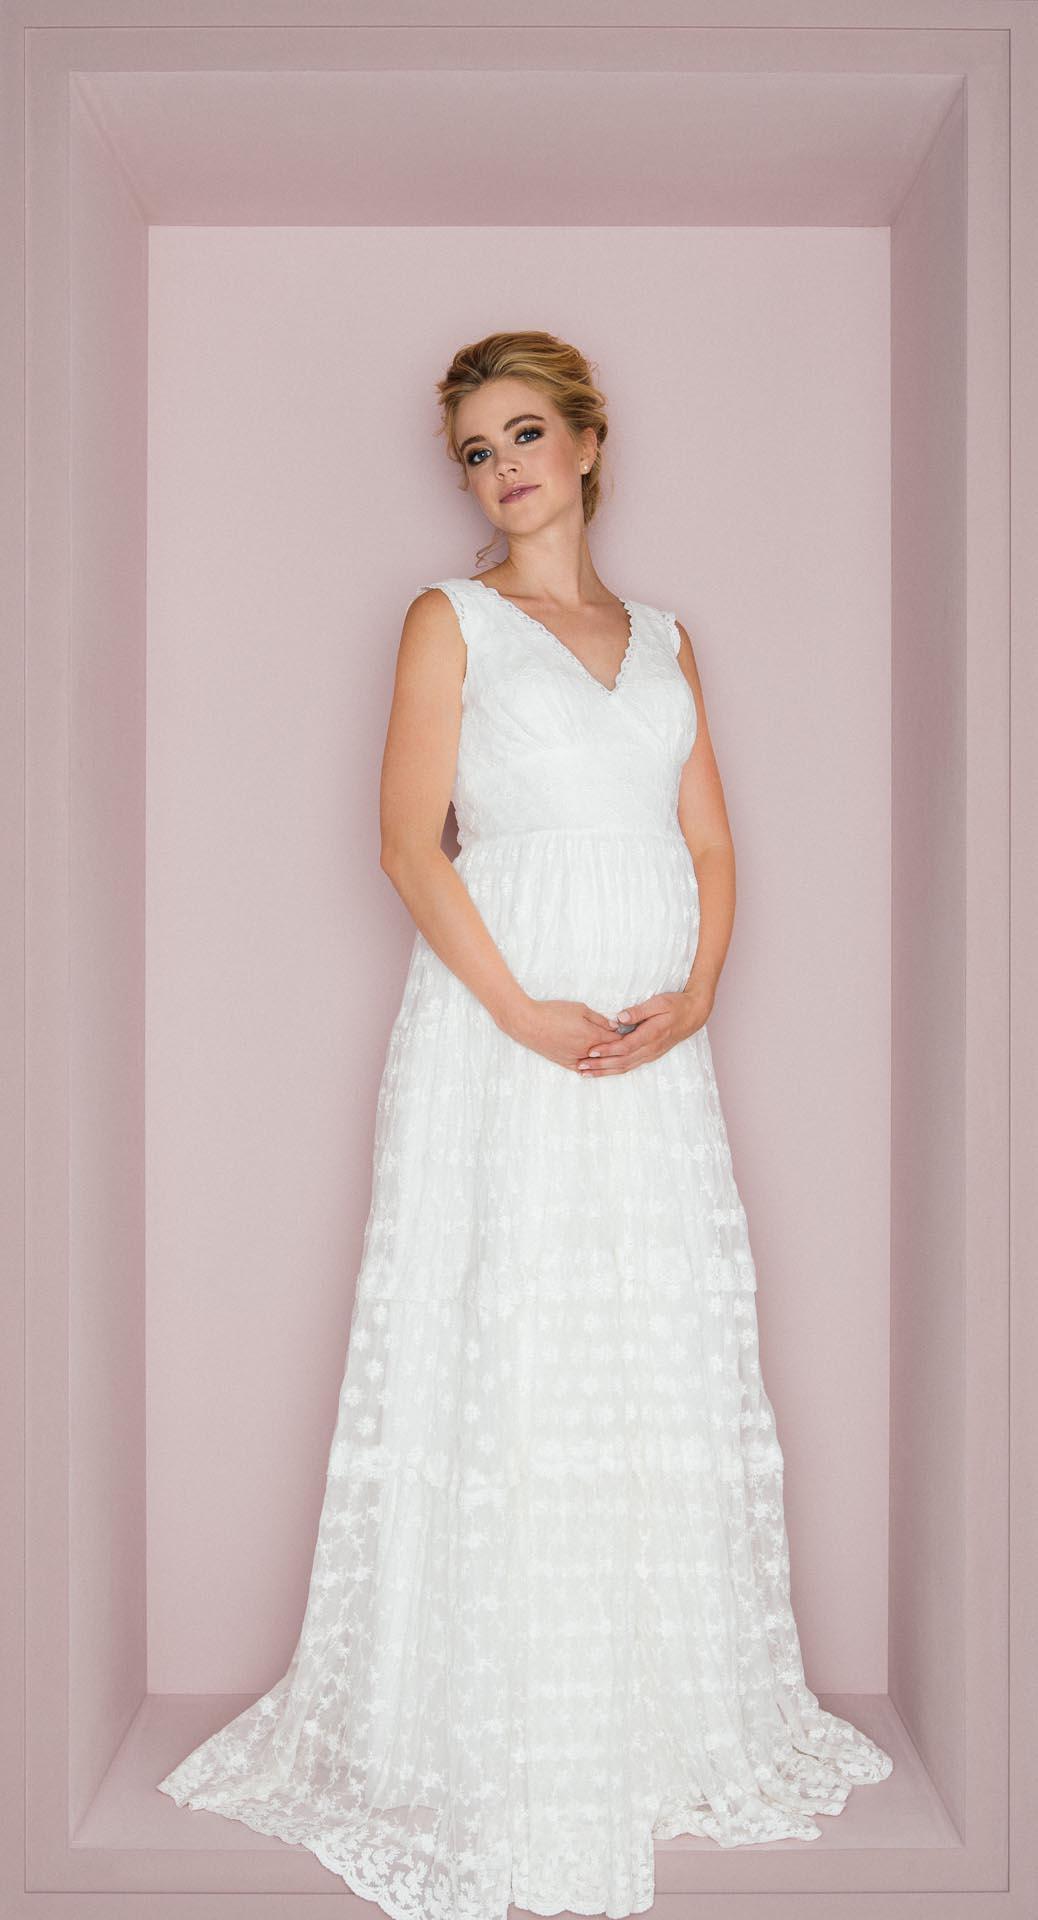 schwanger heiraten: schöne brautkleider für die